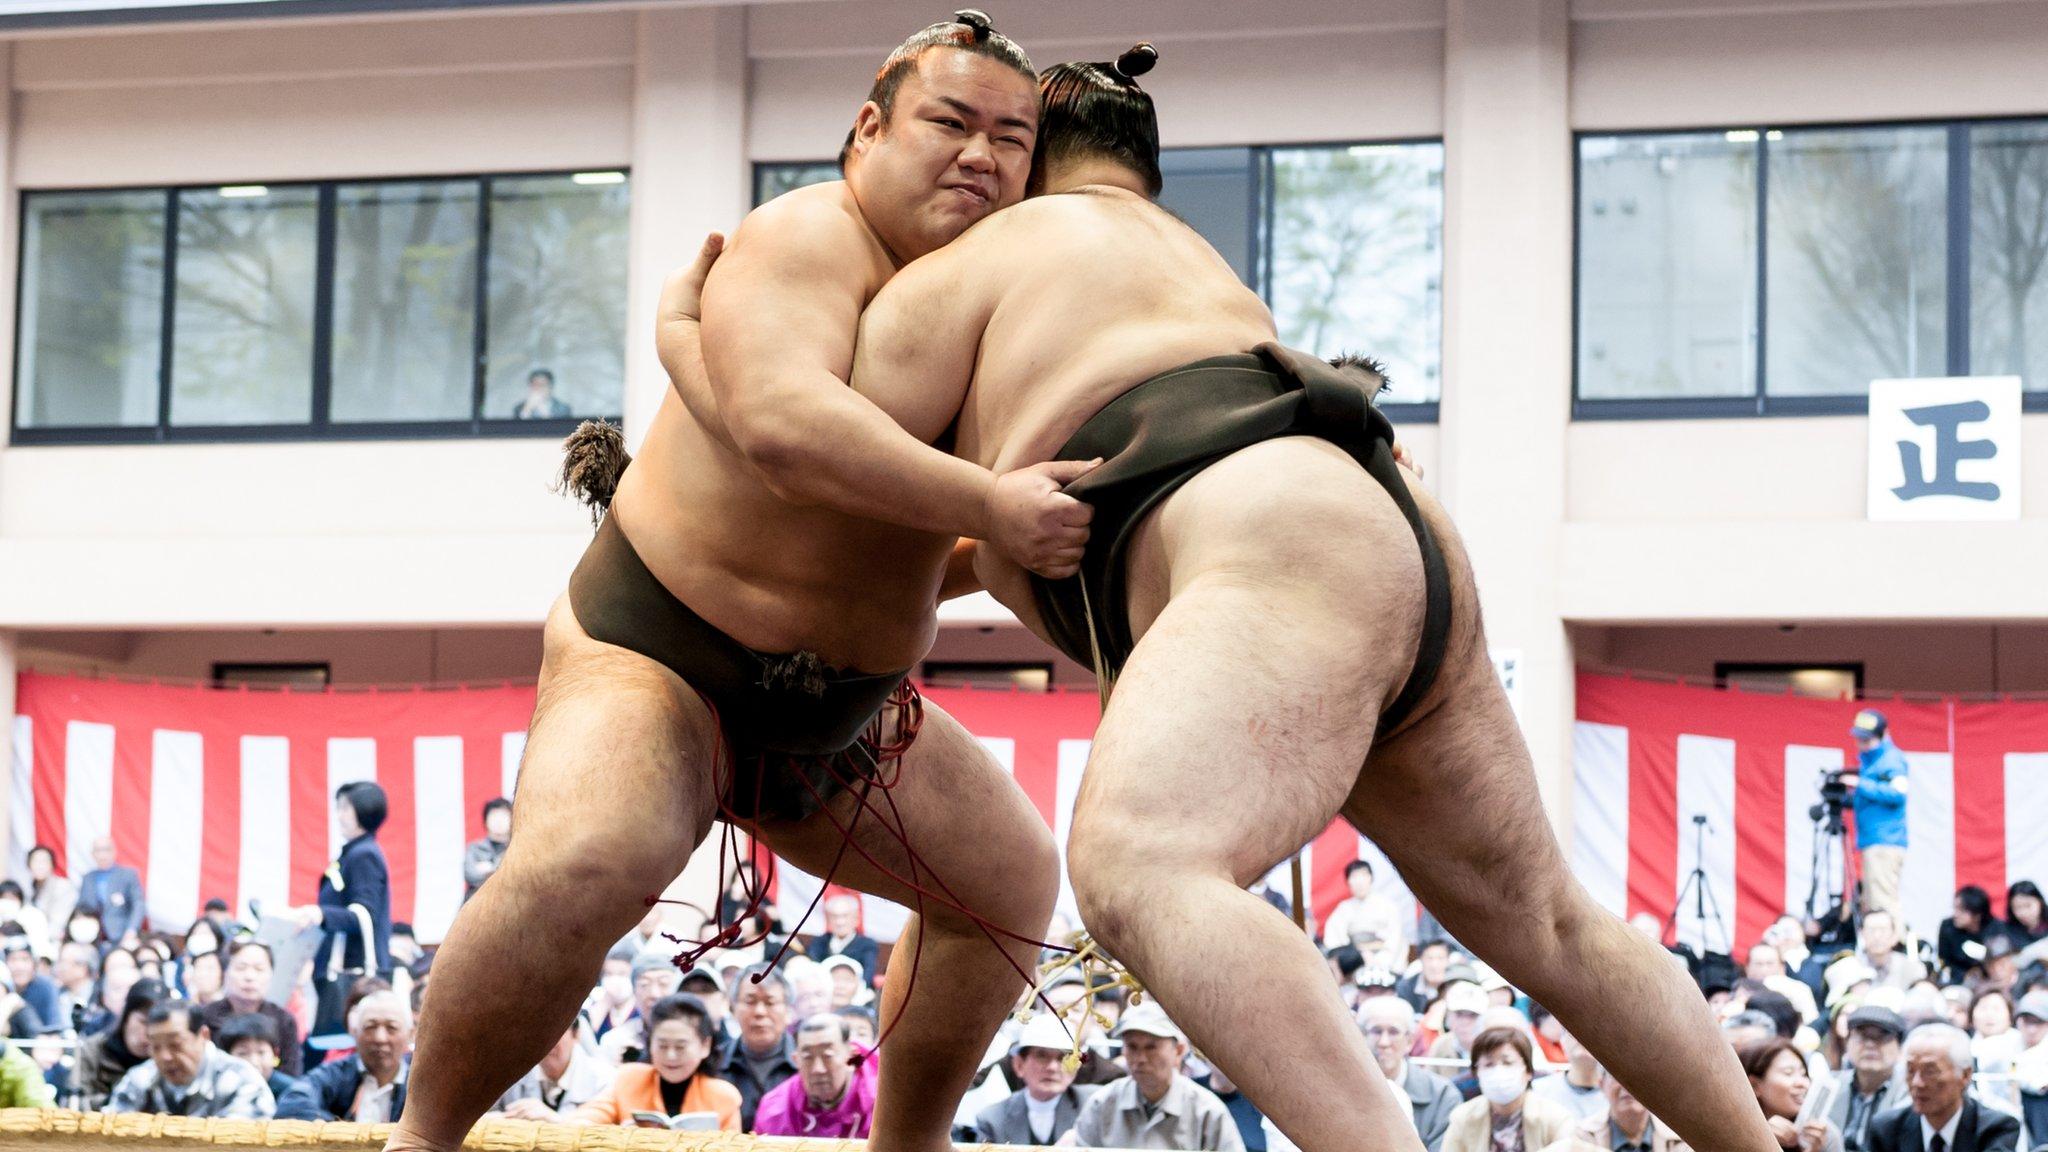 相撲 日本の伝統的スポーツで拡大する性差別問題 - BBCニュース